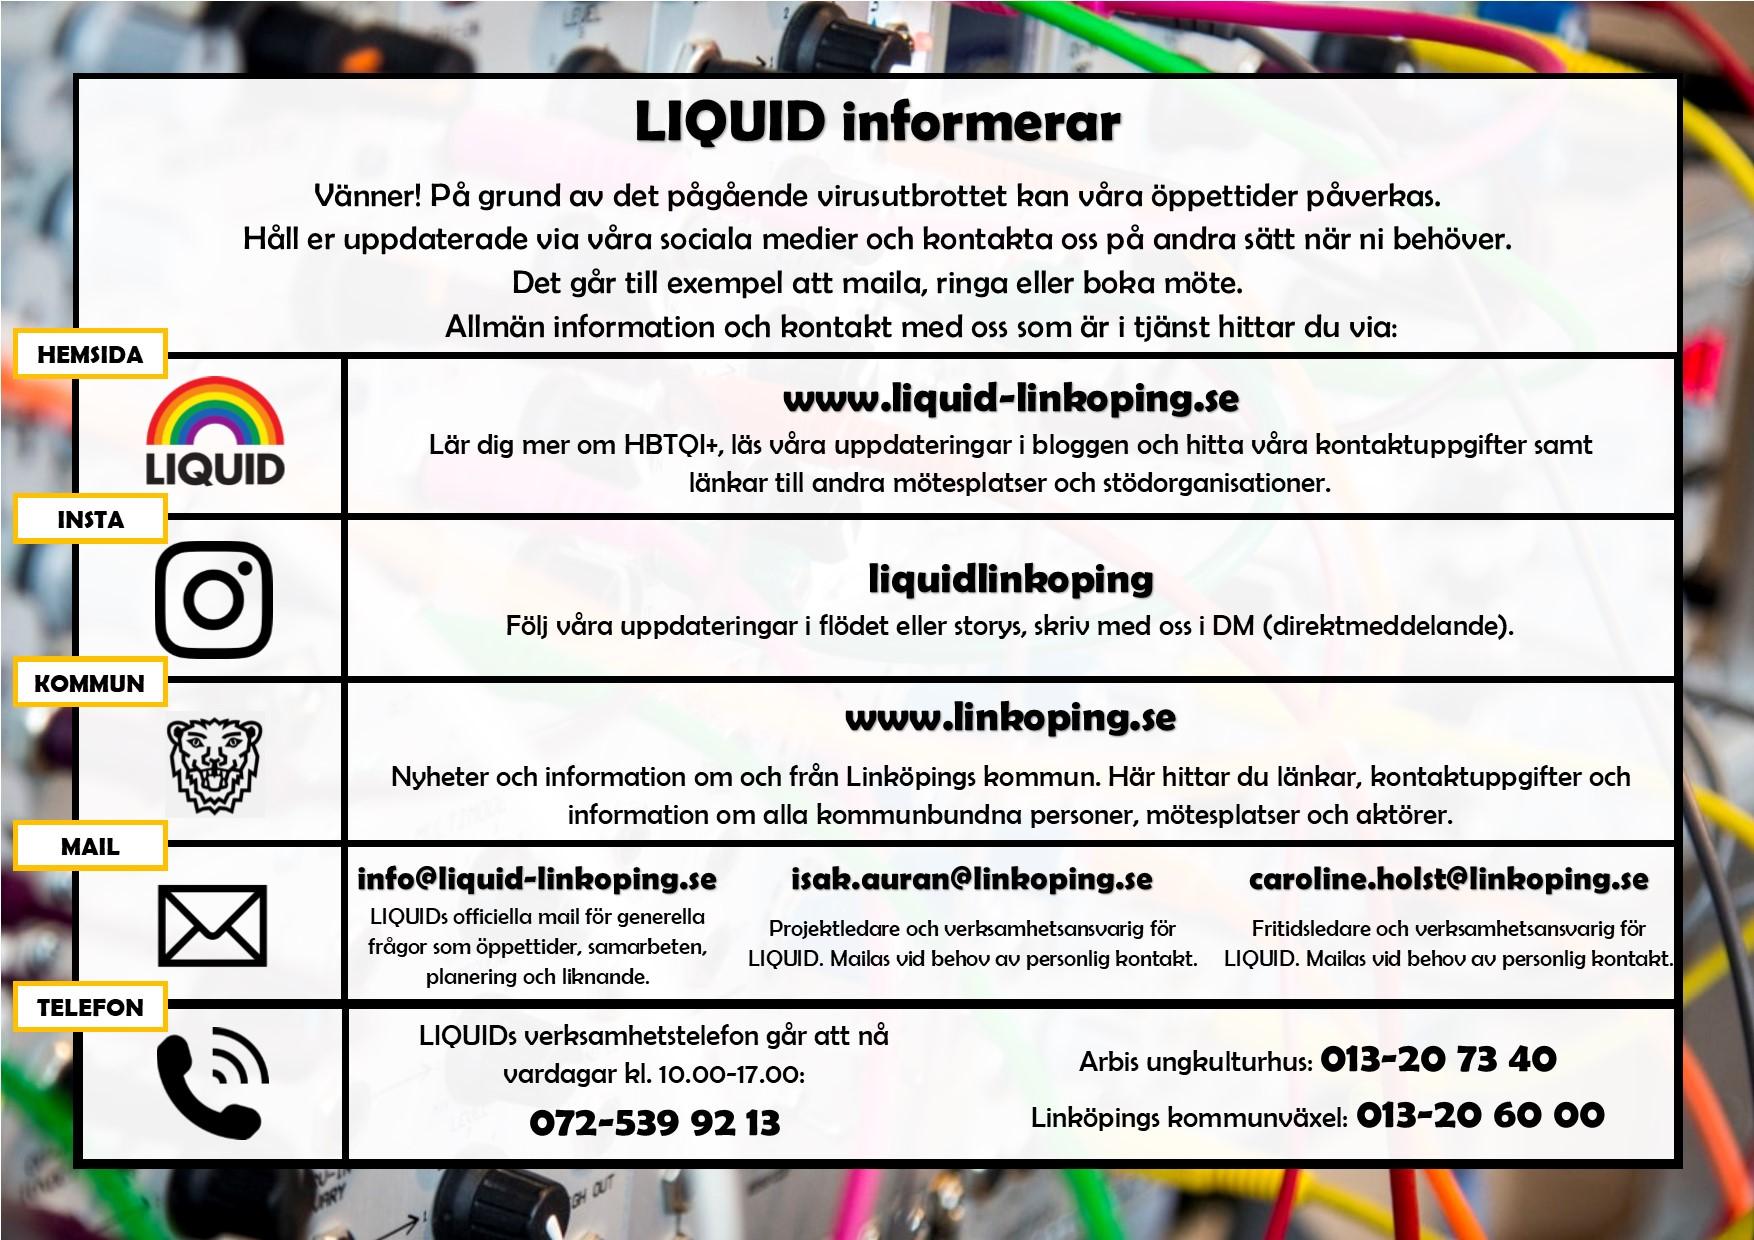 LIQUID-INFORMERAR